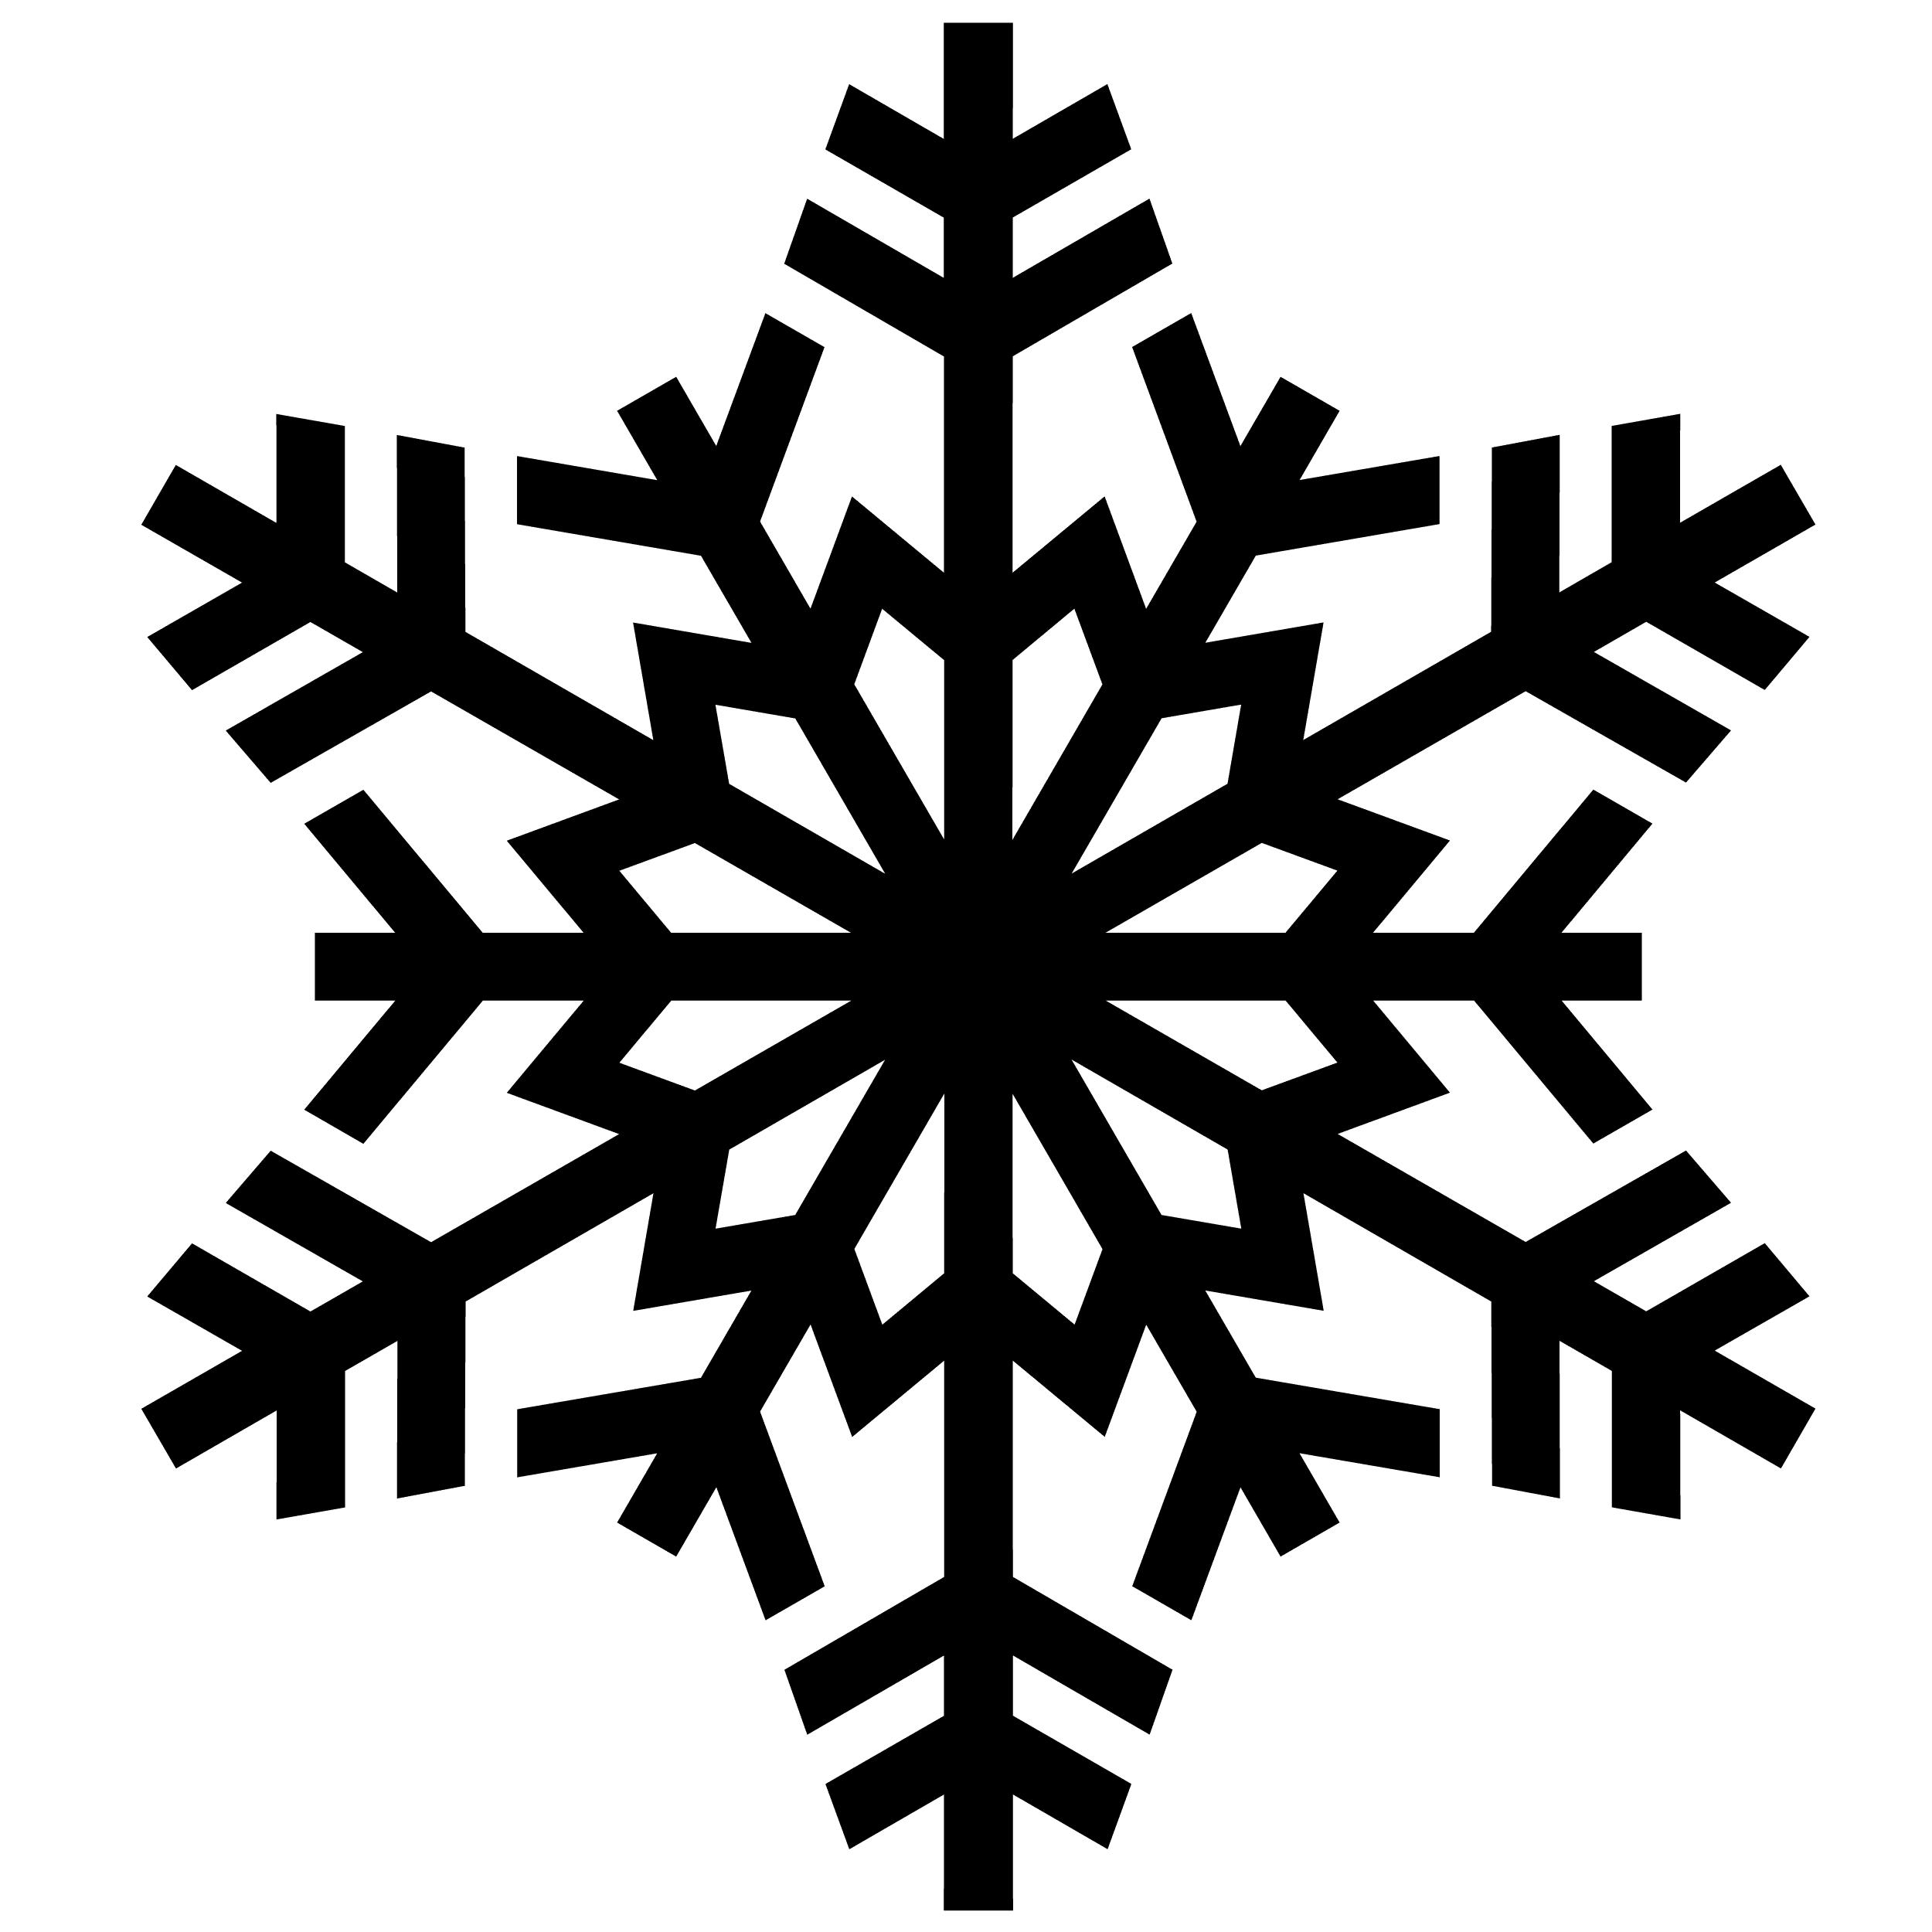 Bildresultat för snowflake png